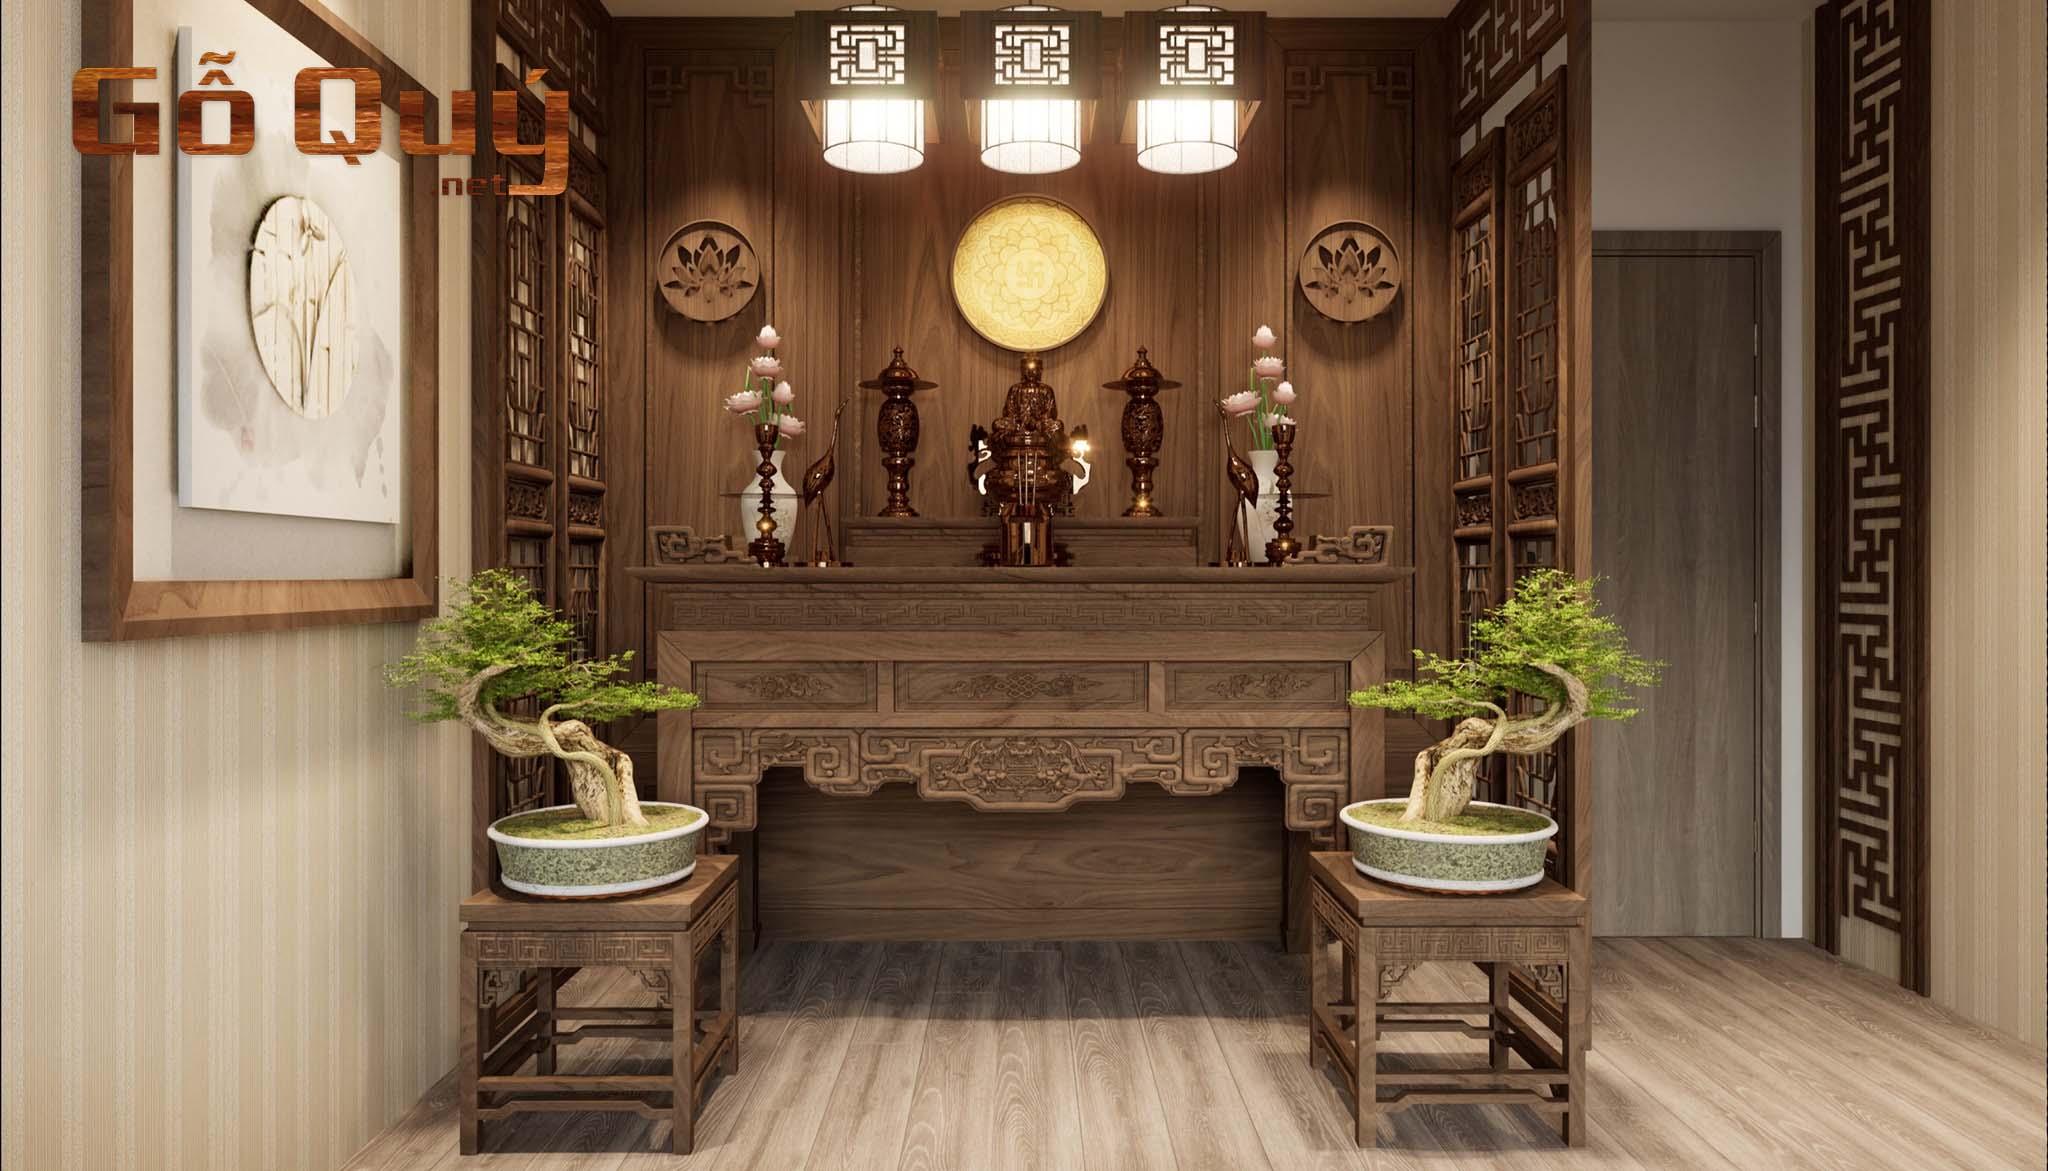 Mẫu thiết kế sập thờ gỗ hiện đại